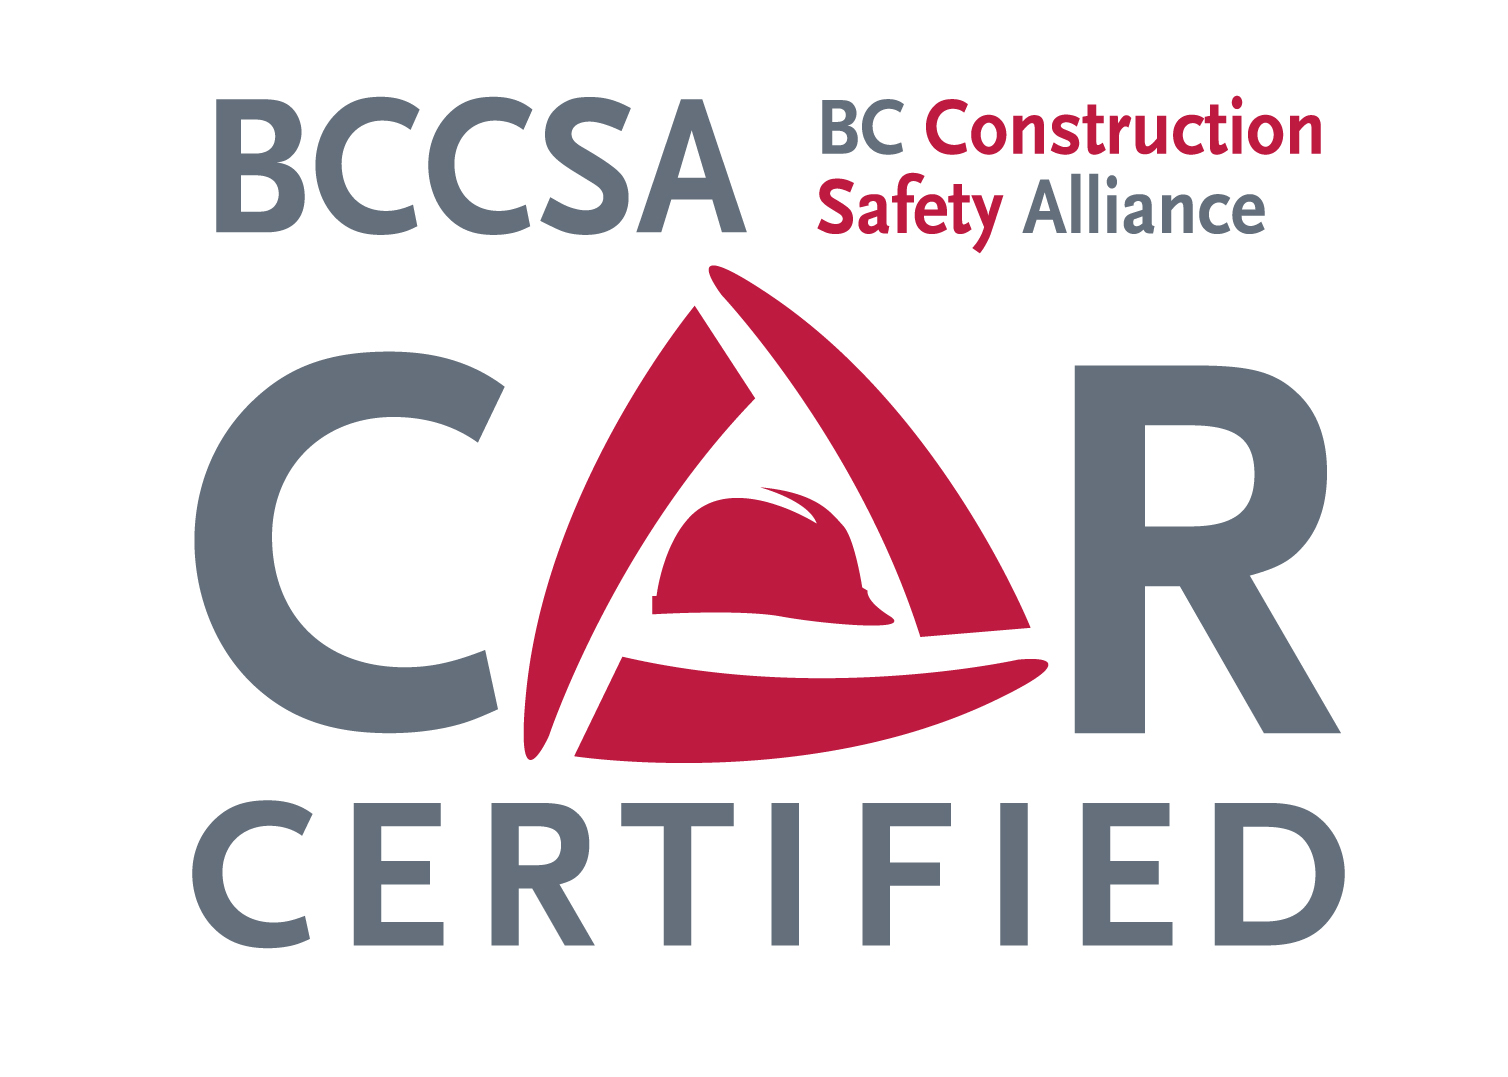 BCCSA COR logo_18June2013.jpg